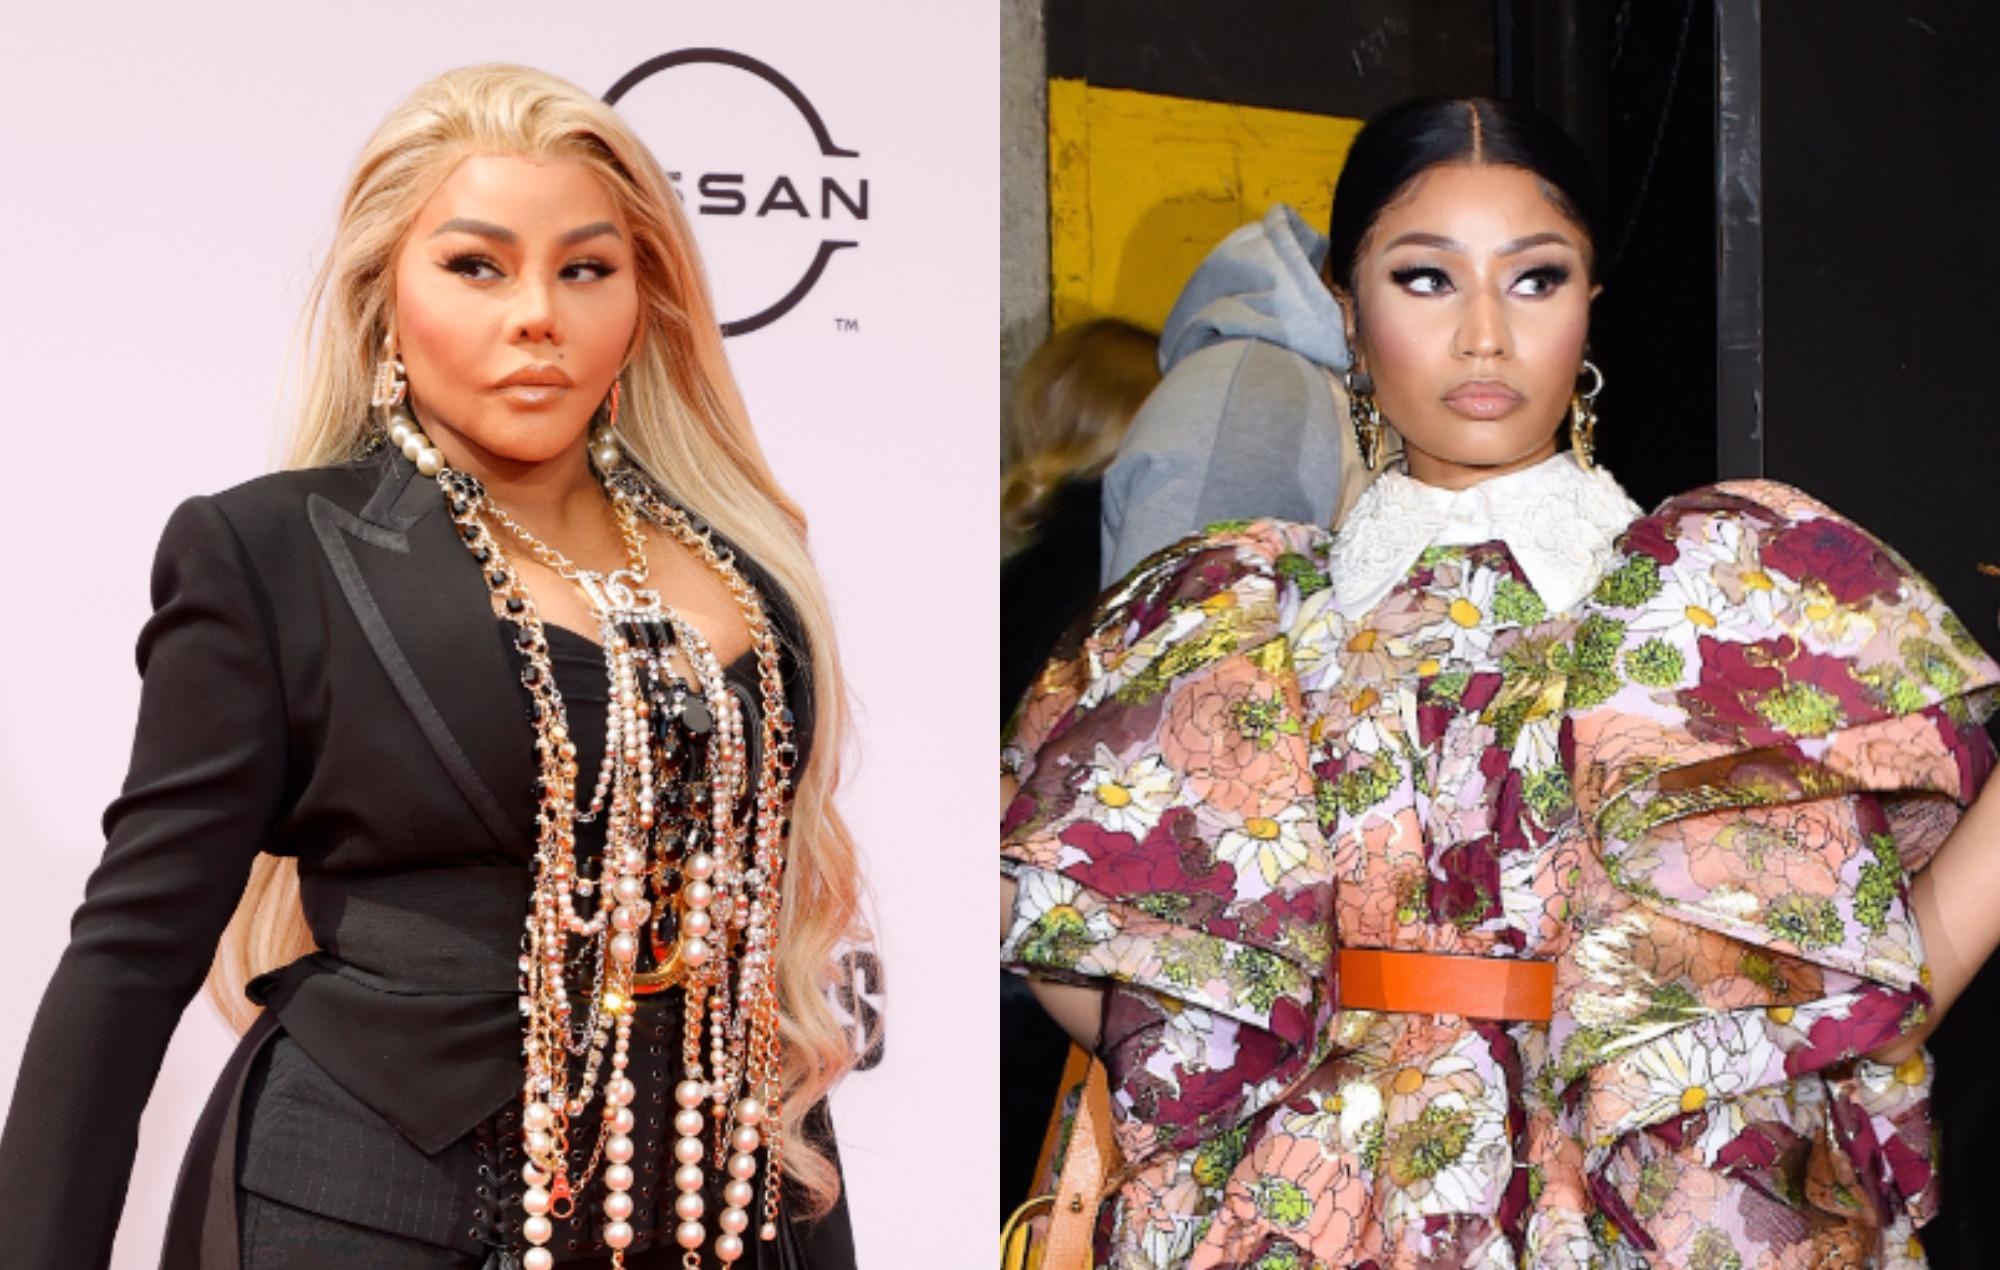 Lil' Kim says she wants to do a Verzuz battle with Nicki Minaj